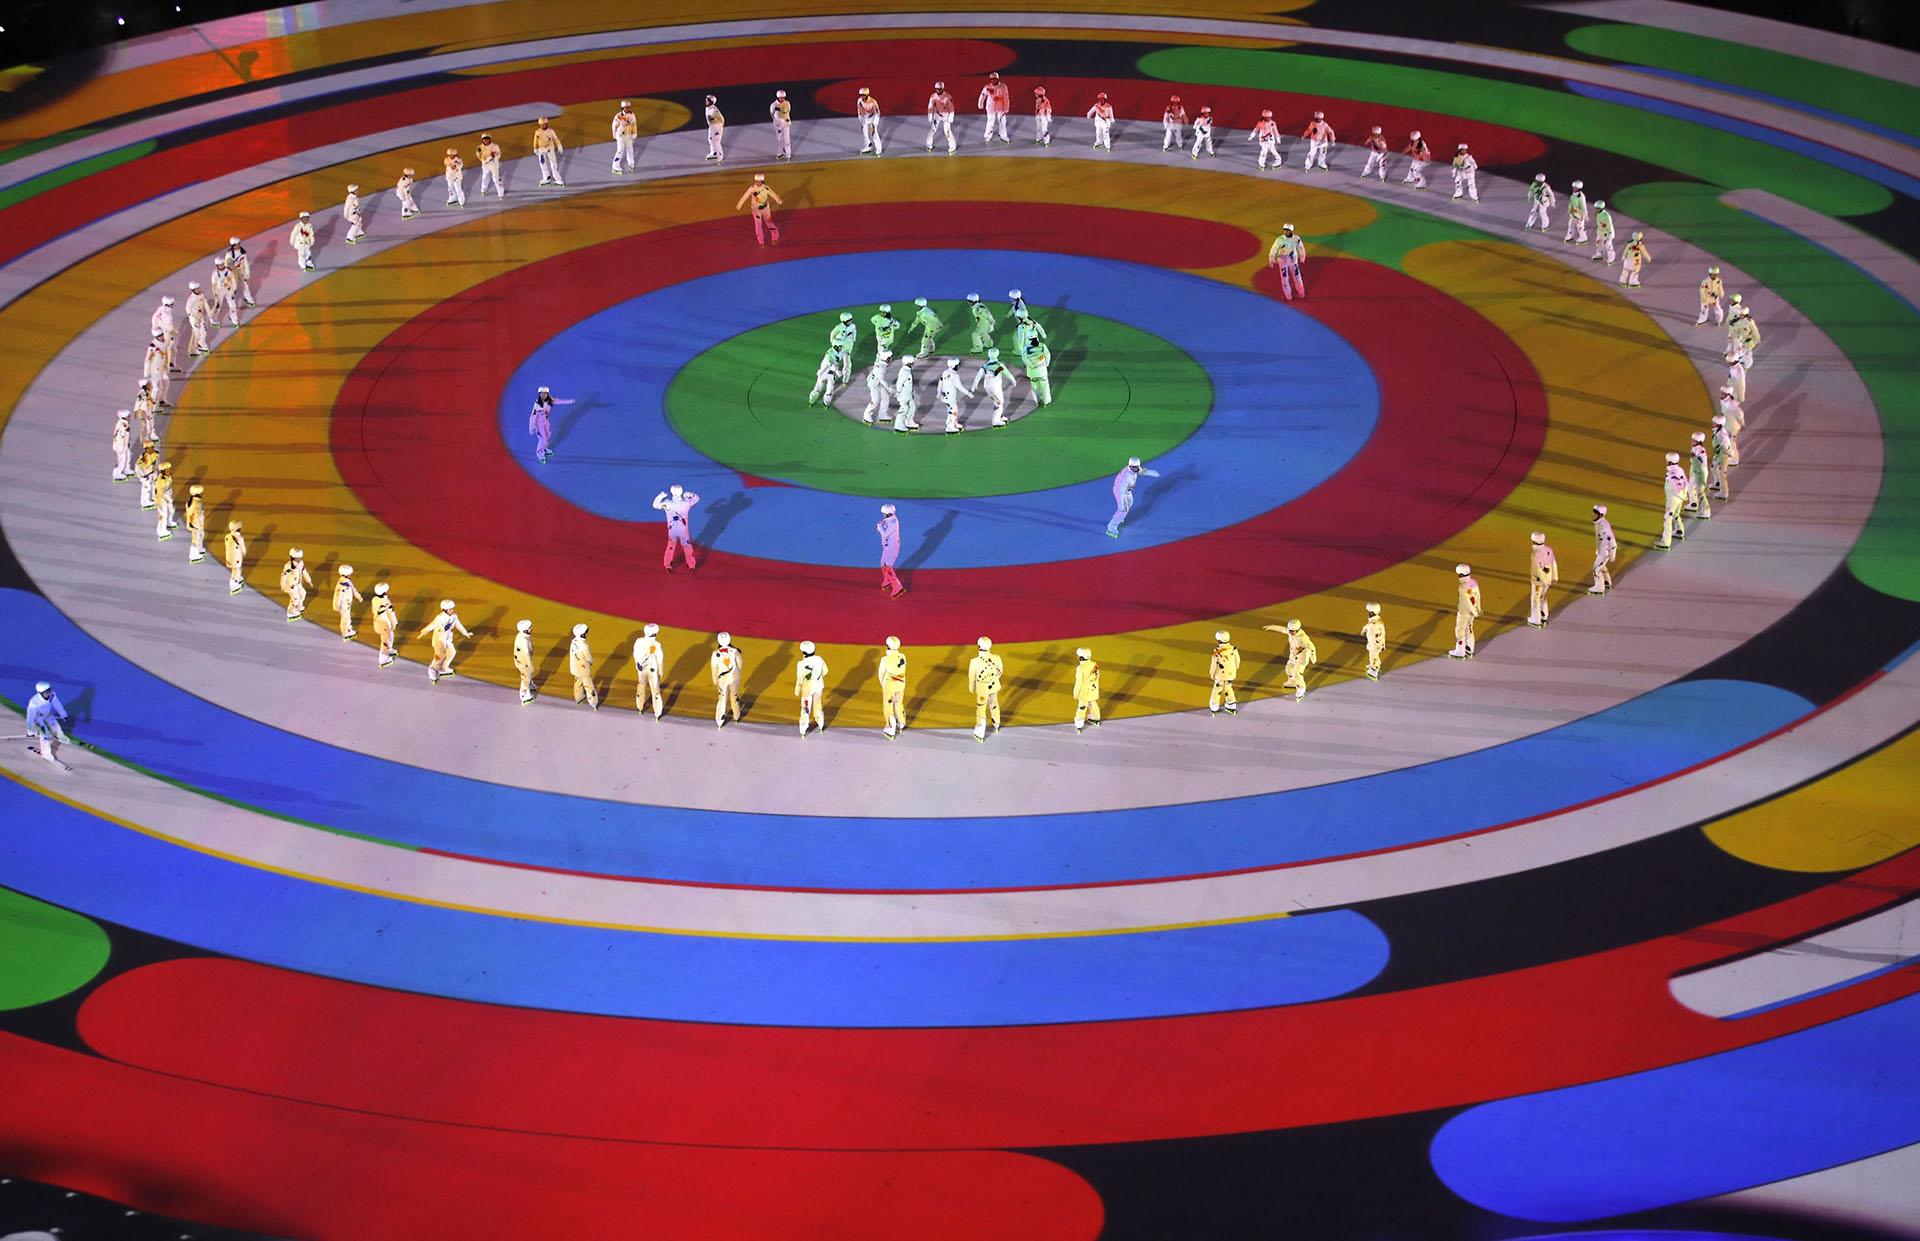 Esta edición contó con la ausencia de Rusia, marginado por el escándalo de dopaje de Sochi 2014